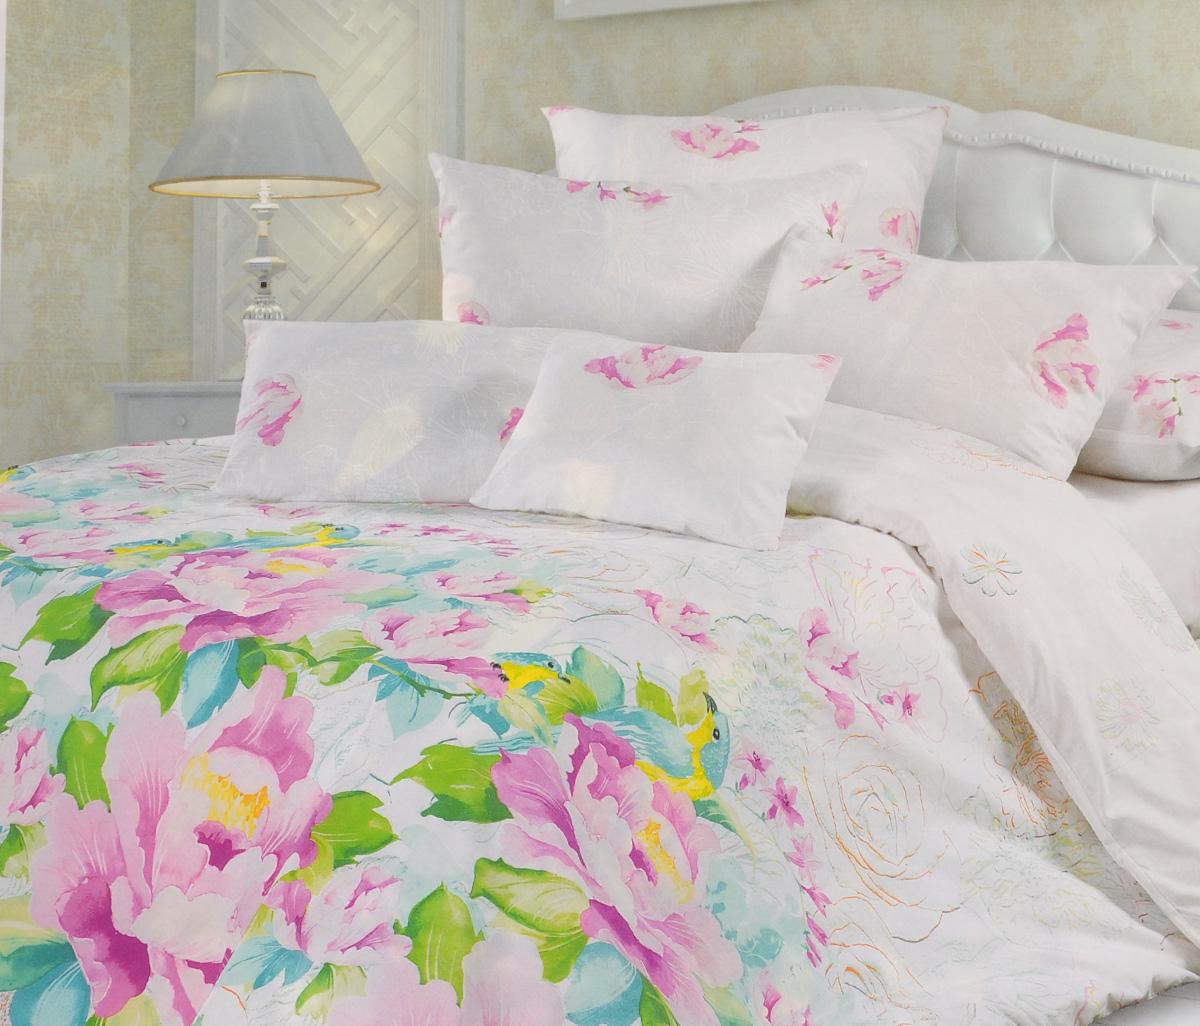 Комплект белья Унисон Парадиз, 2-спальный, наволочки 70х70, цвет: белый, розовый, зеленый297238Комплект постельного белья Унисон Парадиз состоит из пододеяльника, простыни и двух наволочек. Постельное белье оформлено оригинальным ярким изображением цветов. Такой дизайн придется по душе каждому. Белье изготовлено из новой ткани Биоматин, отвечающей всем необходимым нормативным стандартам. Биоматин - это ткань полотняного переплетения, из экологически чистого и натурального 100% хлопка. Неоспоримым плюсом белья из такой ткани является мягкость и легкость, она прекрасно пропускает воздух, приятна на ощупь и за ней легко ухаживать. При соблюдении рекомендаций по уходу, это белье выдерживает много стирок, не линяет и не теряет свою первоначальную прочность. Уникальная ткань обеспечивает легкую глажку. Приобретая комплект постельного белья Унисон Парадиз, вы можете быть уверены в том, что покупка доставит вам и вашим близким удовольствие и подарит максимальный комфорт.